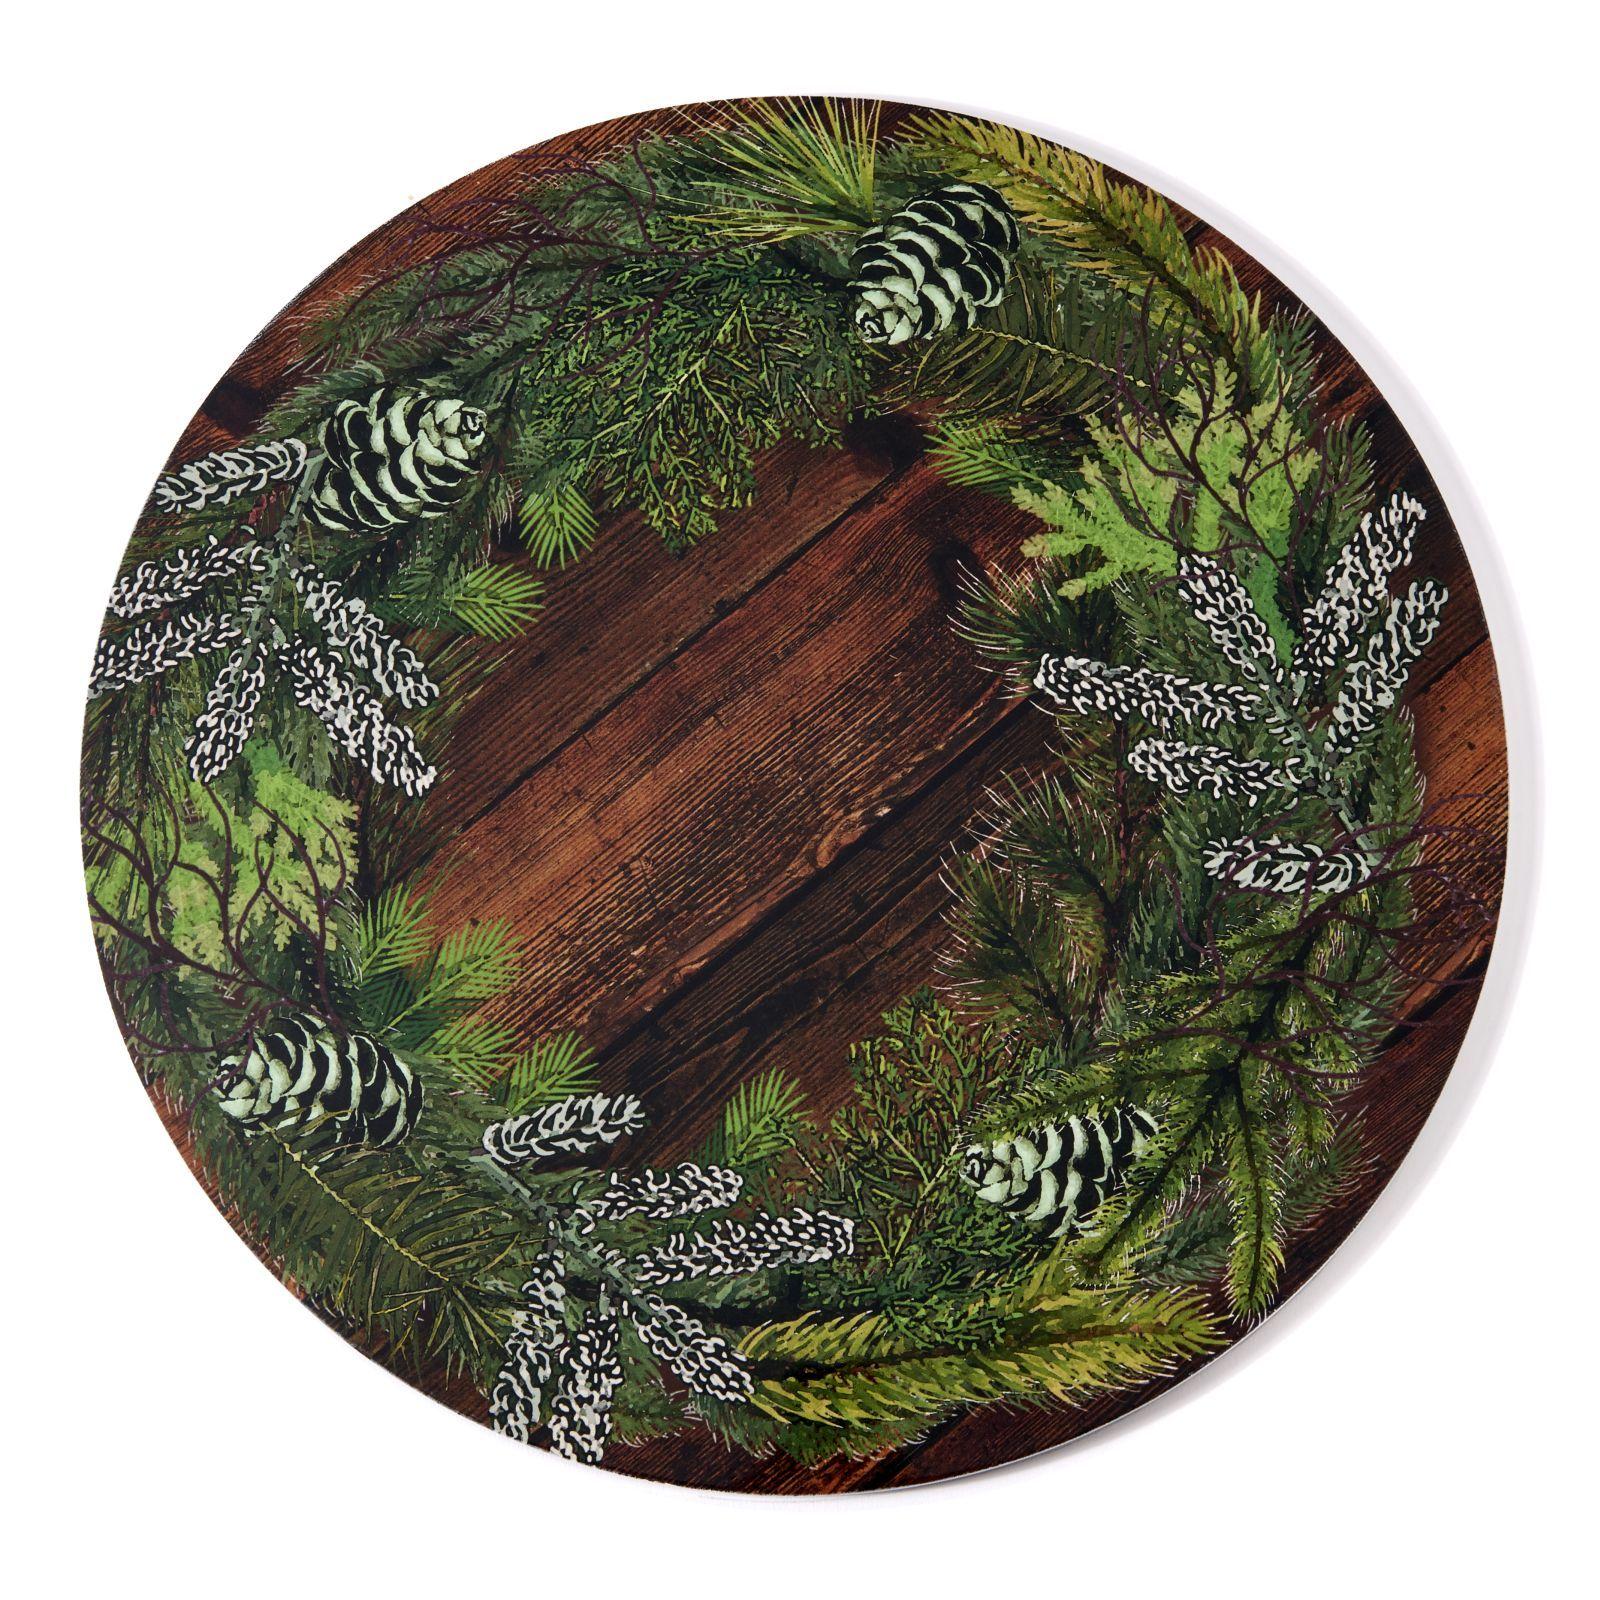 Deborah Rhodes Placemats WREATH LACQUER Wood